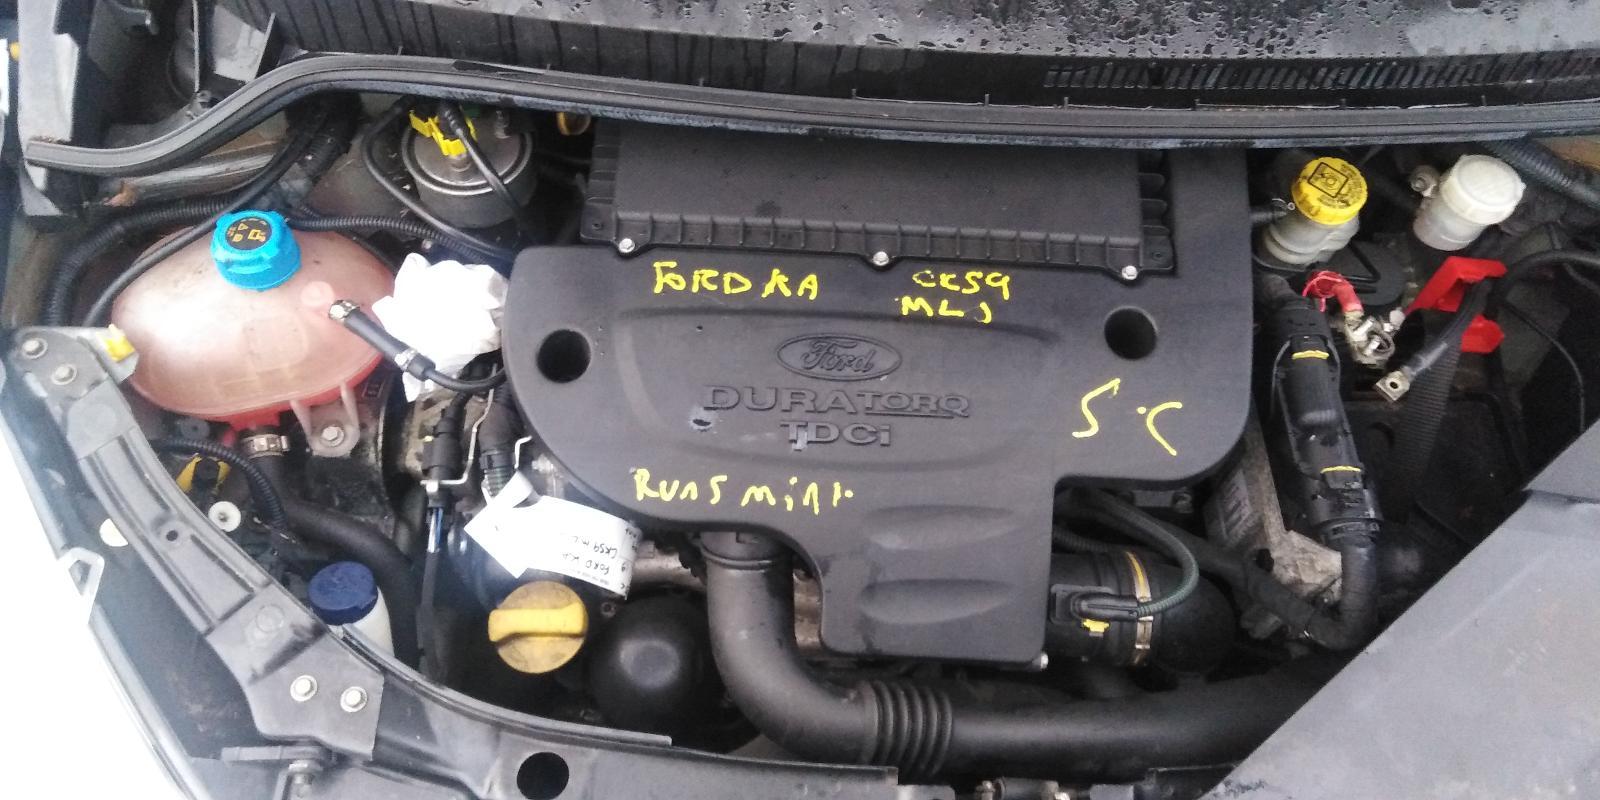 Image for a FORD KA 2009 3 Door Hatchback